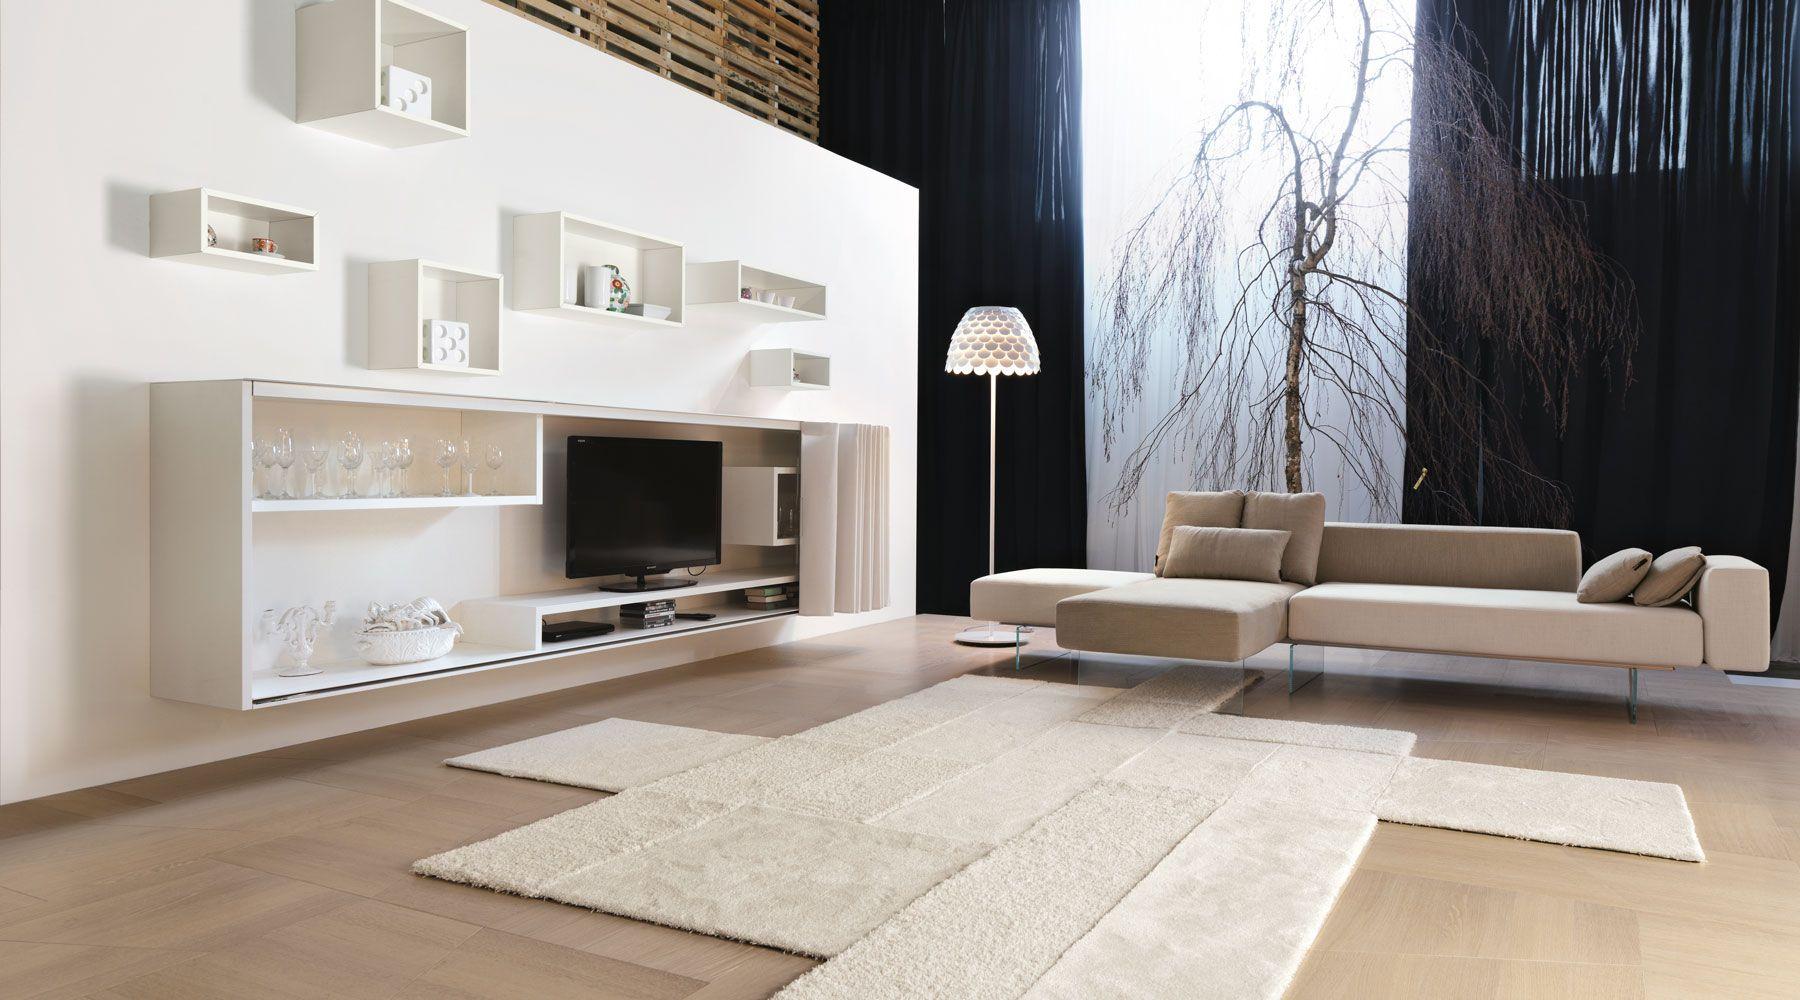 Mobili di design per arredare la tua casa lago architecture interiors pinterest design - Case mobili di design ...